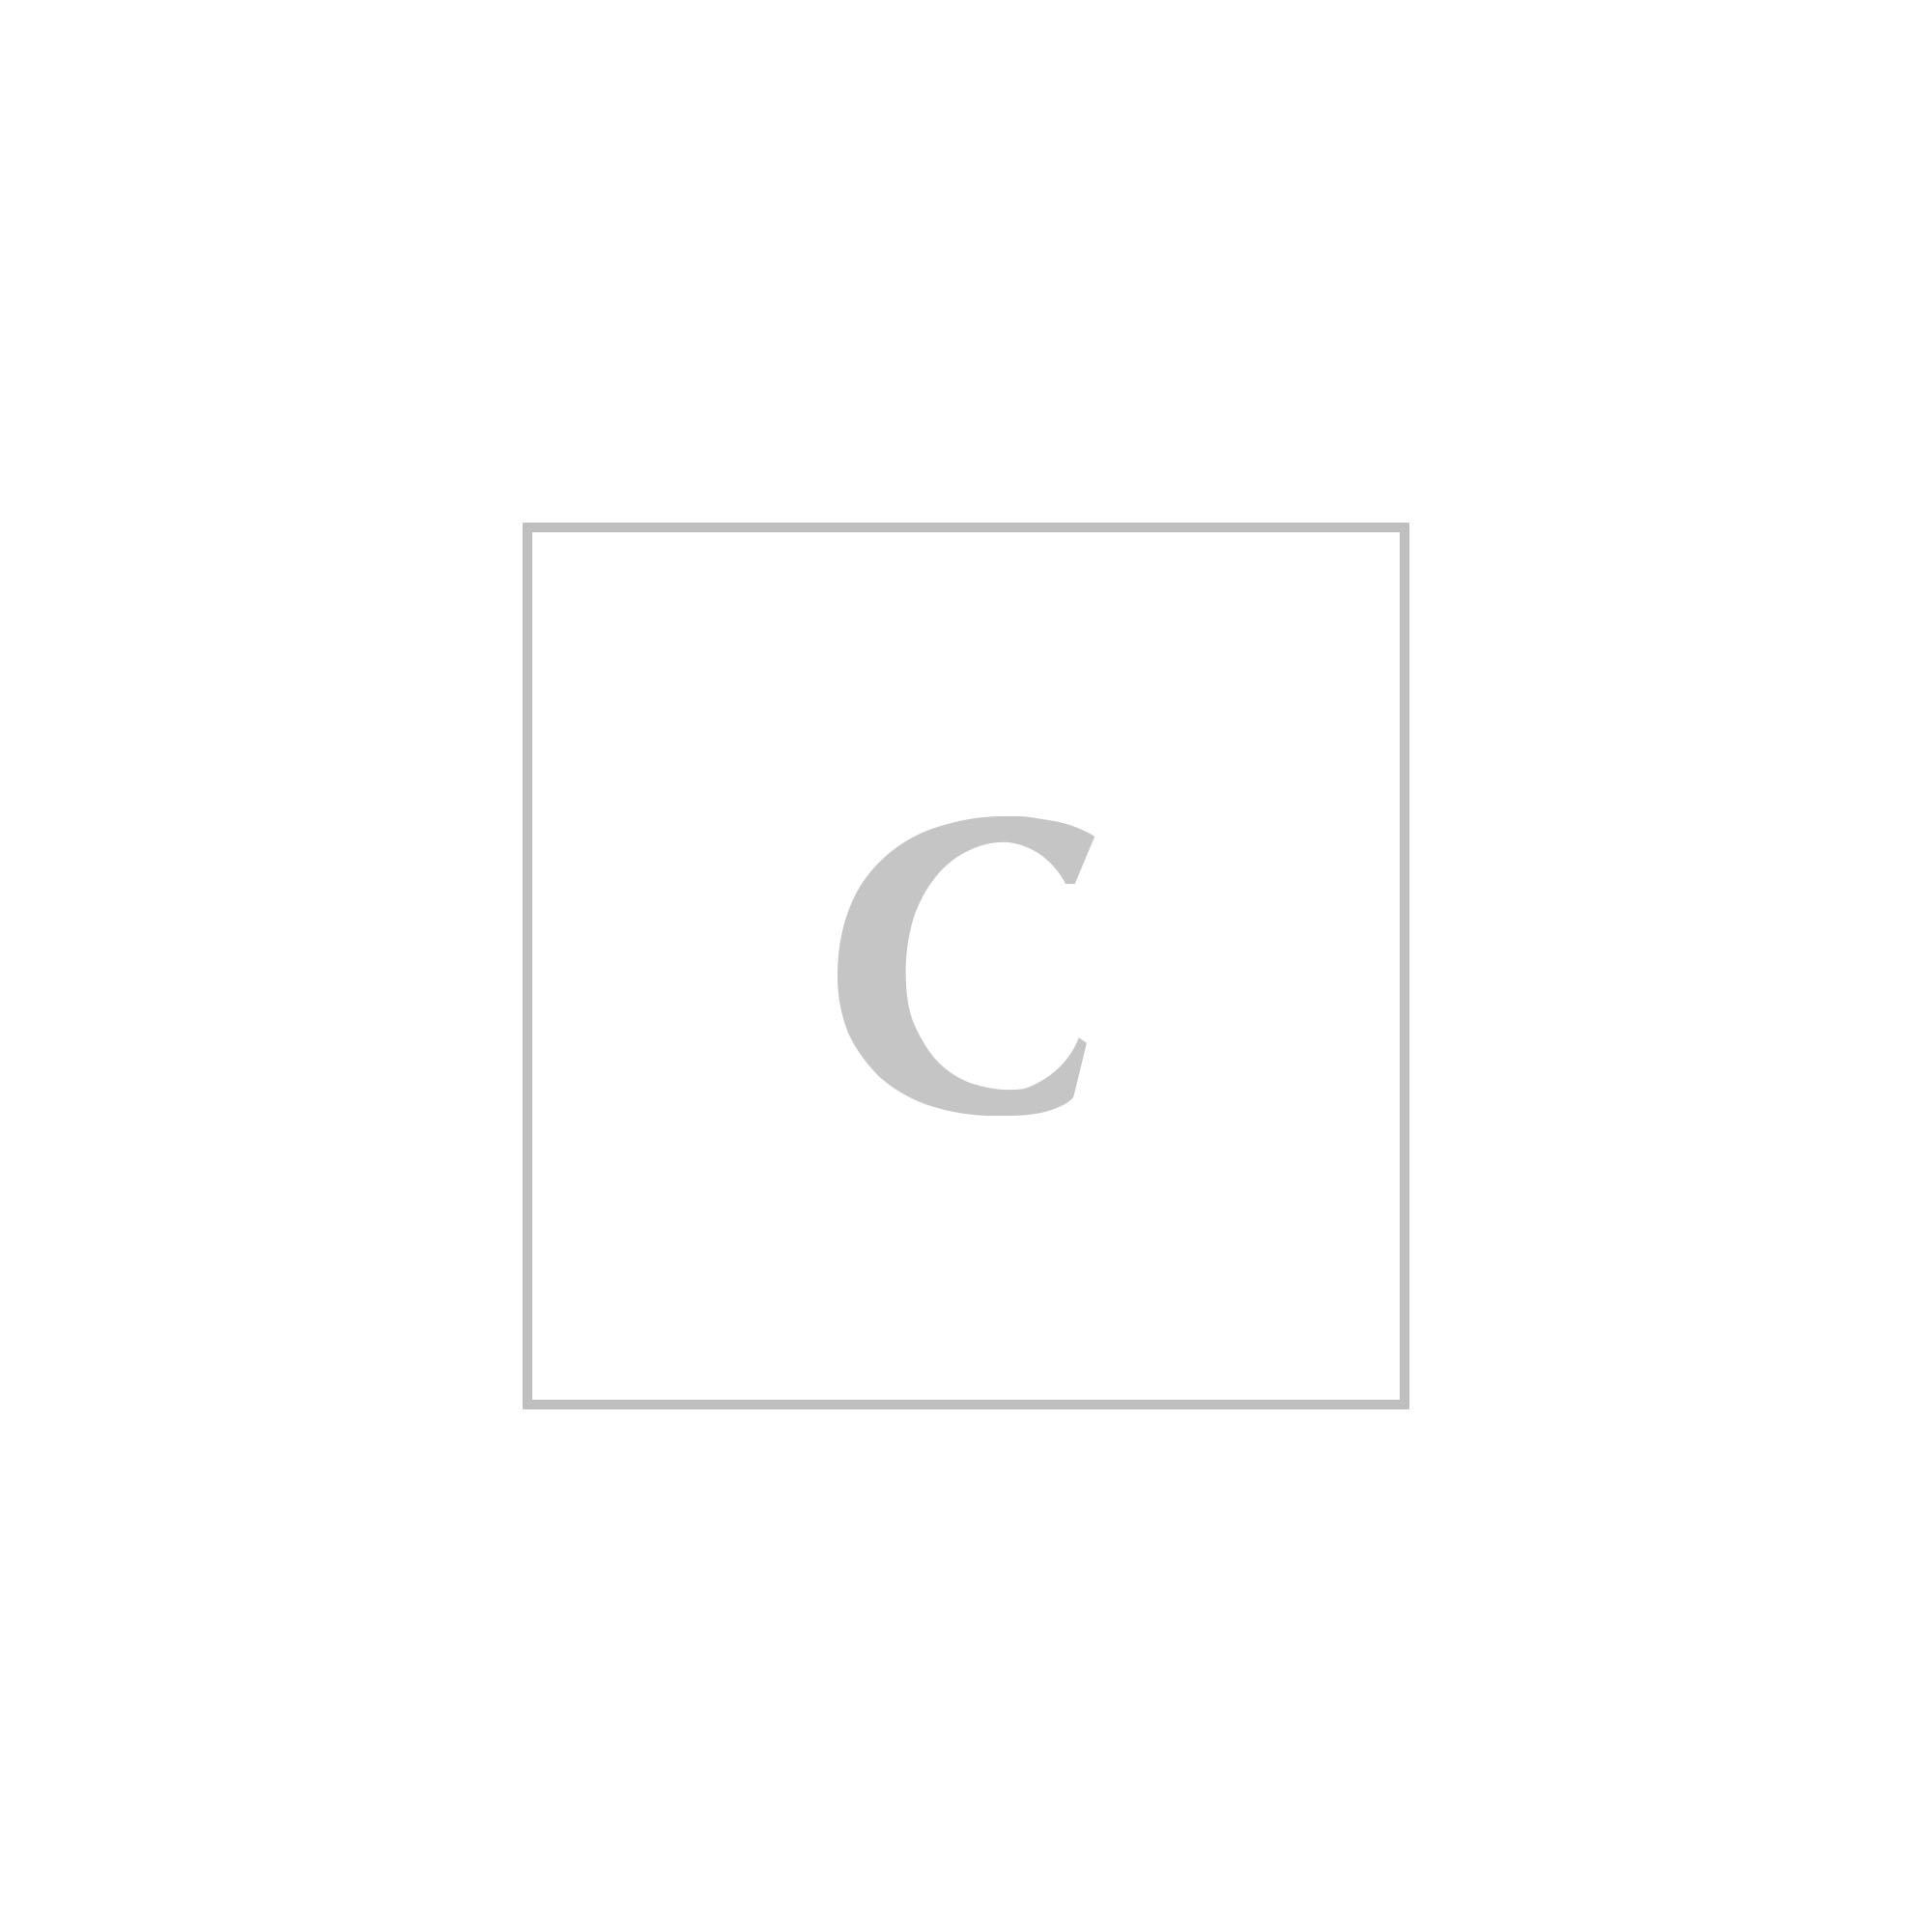 Burberry camicia cambridge